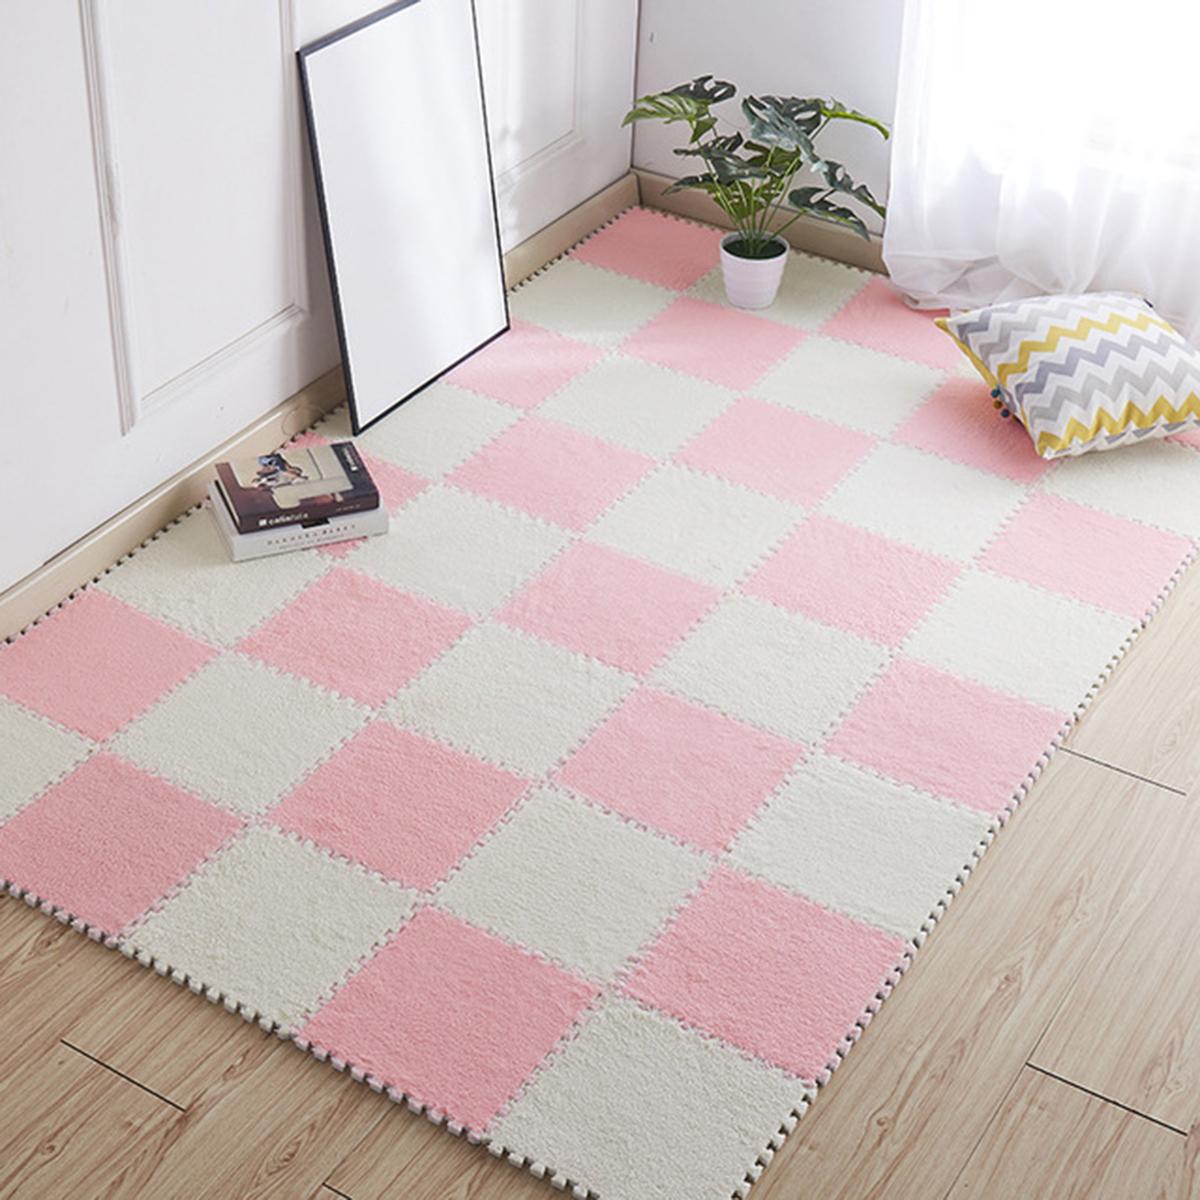 Шт 30см (11,8 #and#quot;) детский коврик для ползания пены EVA Flush пушистый ковер дети дети головоломки играть коврики